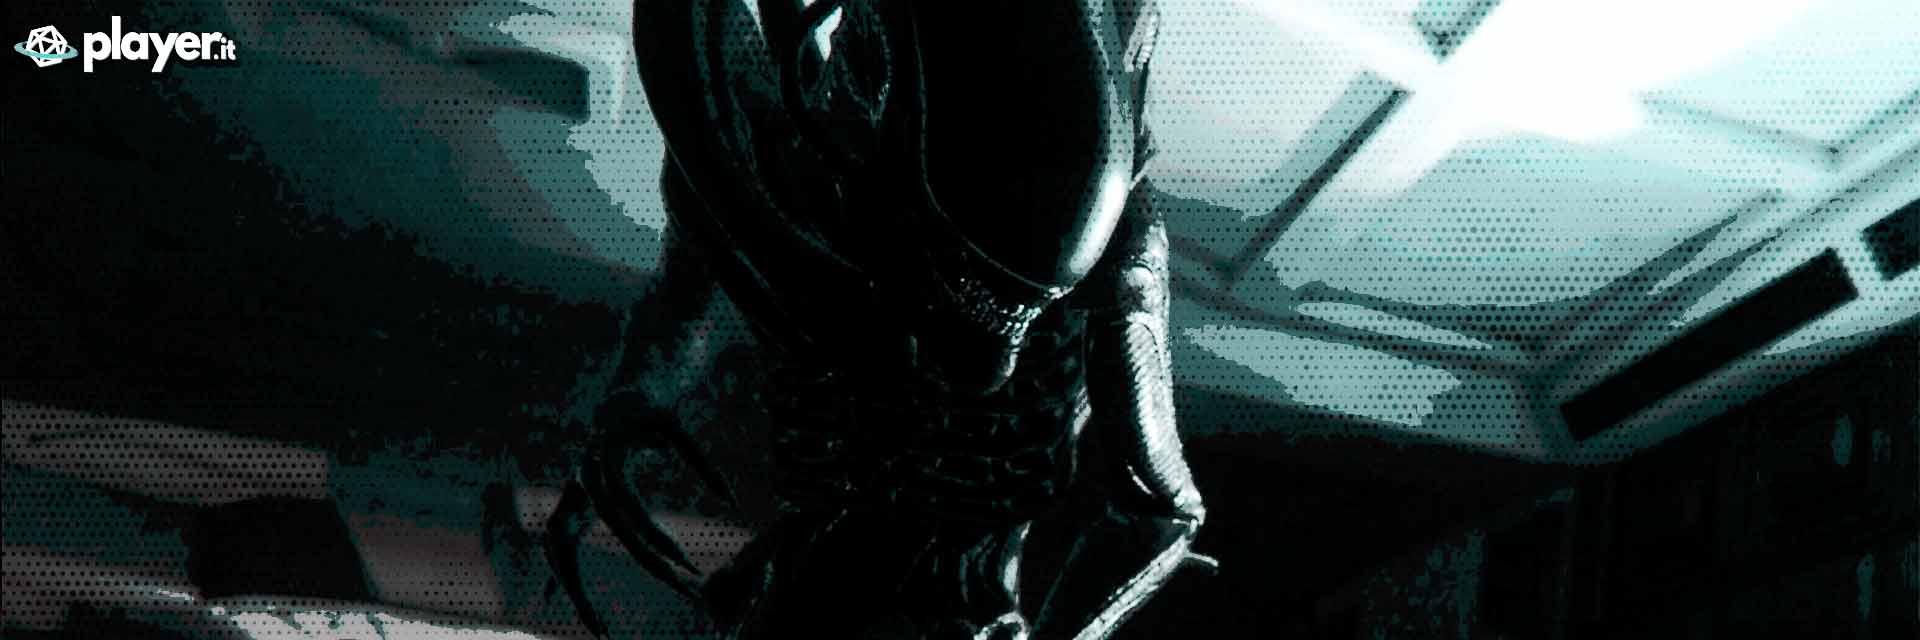 alien isolation wallpaper in hd